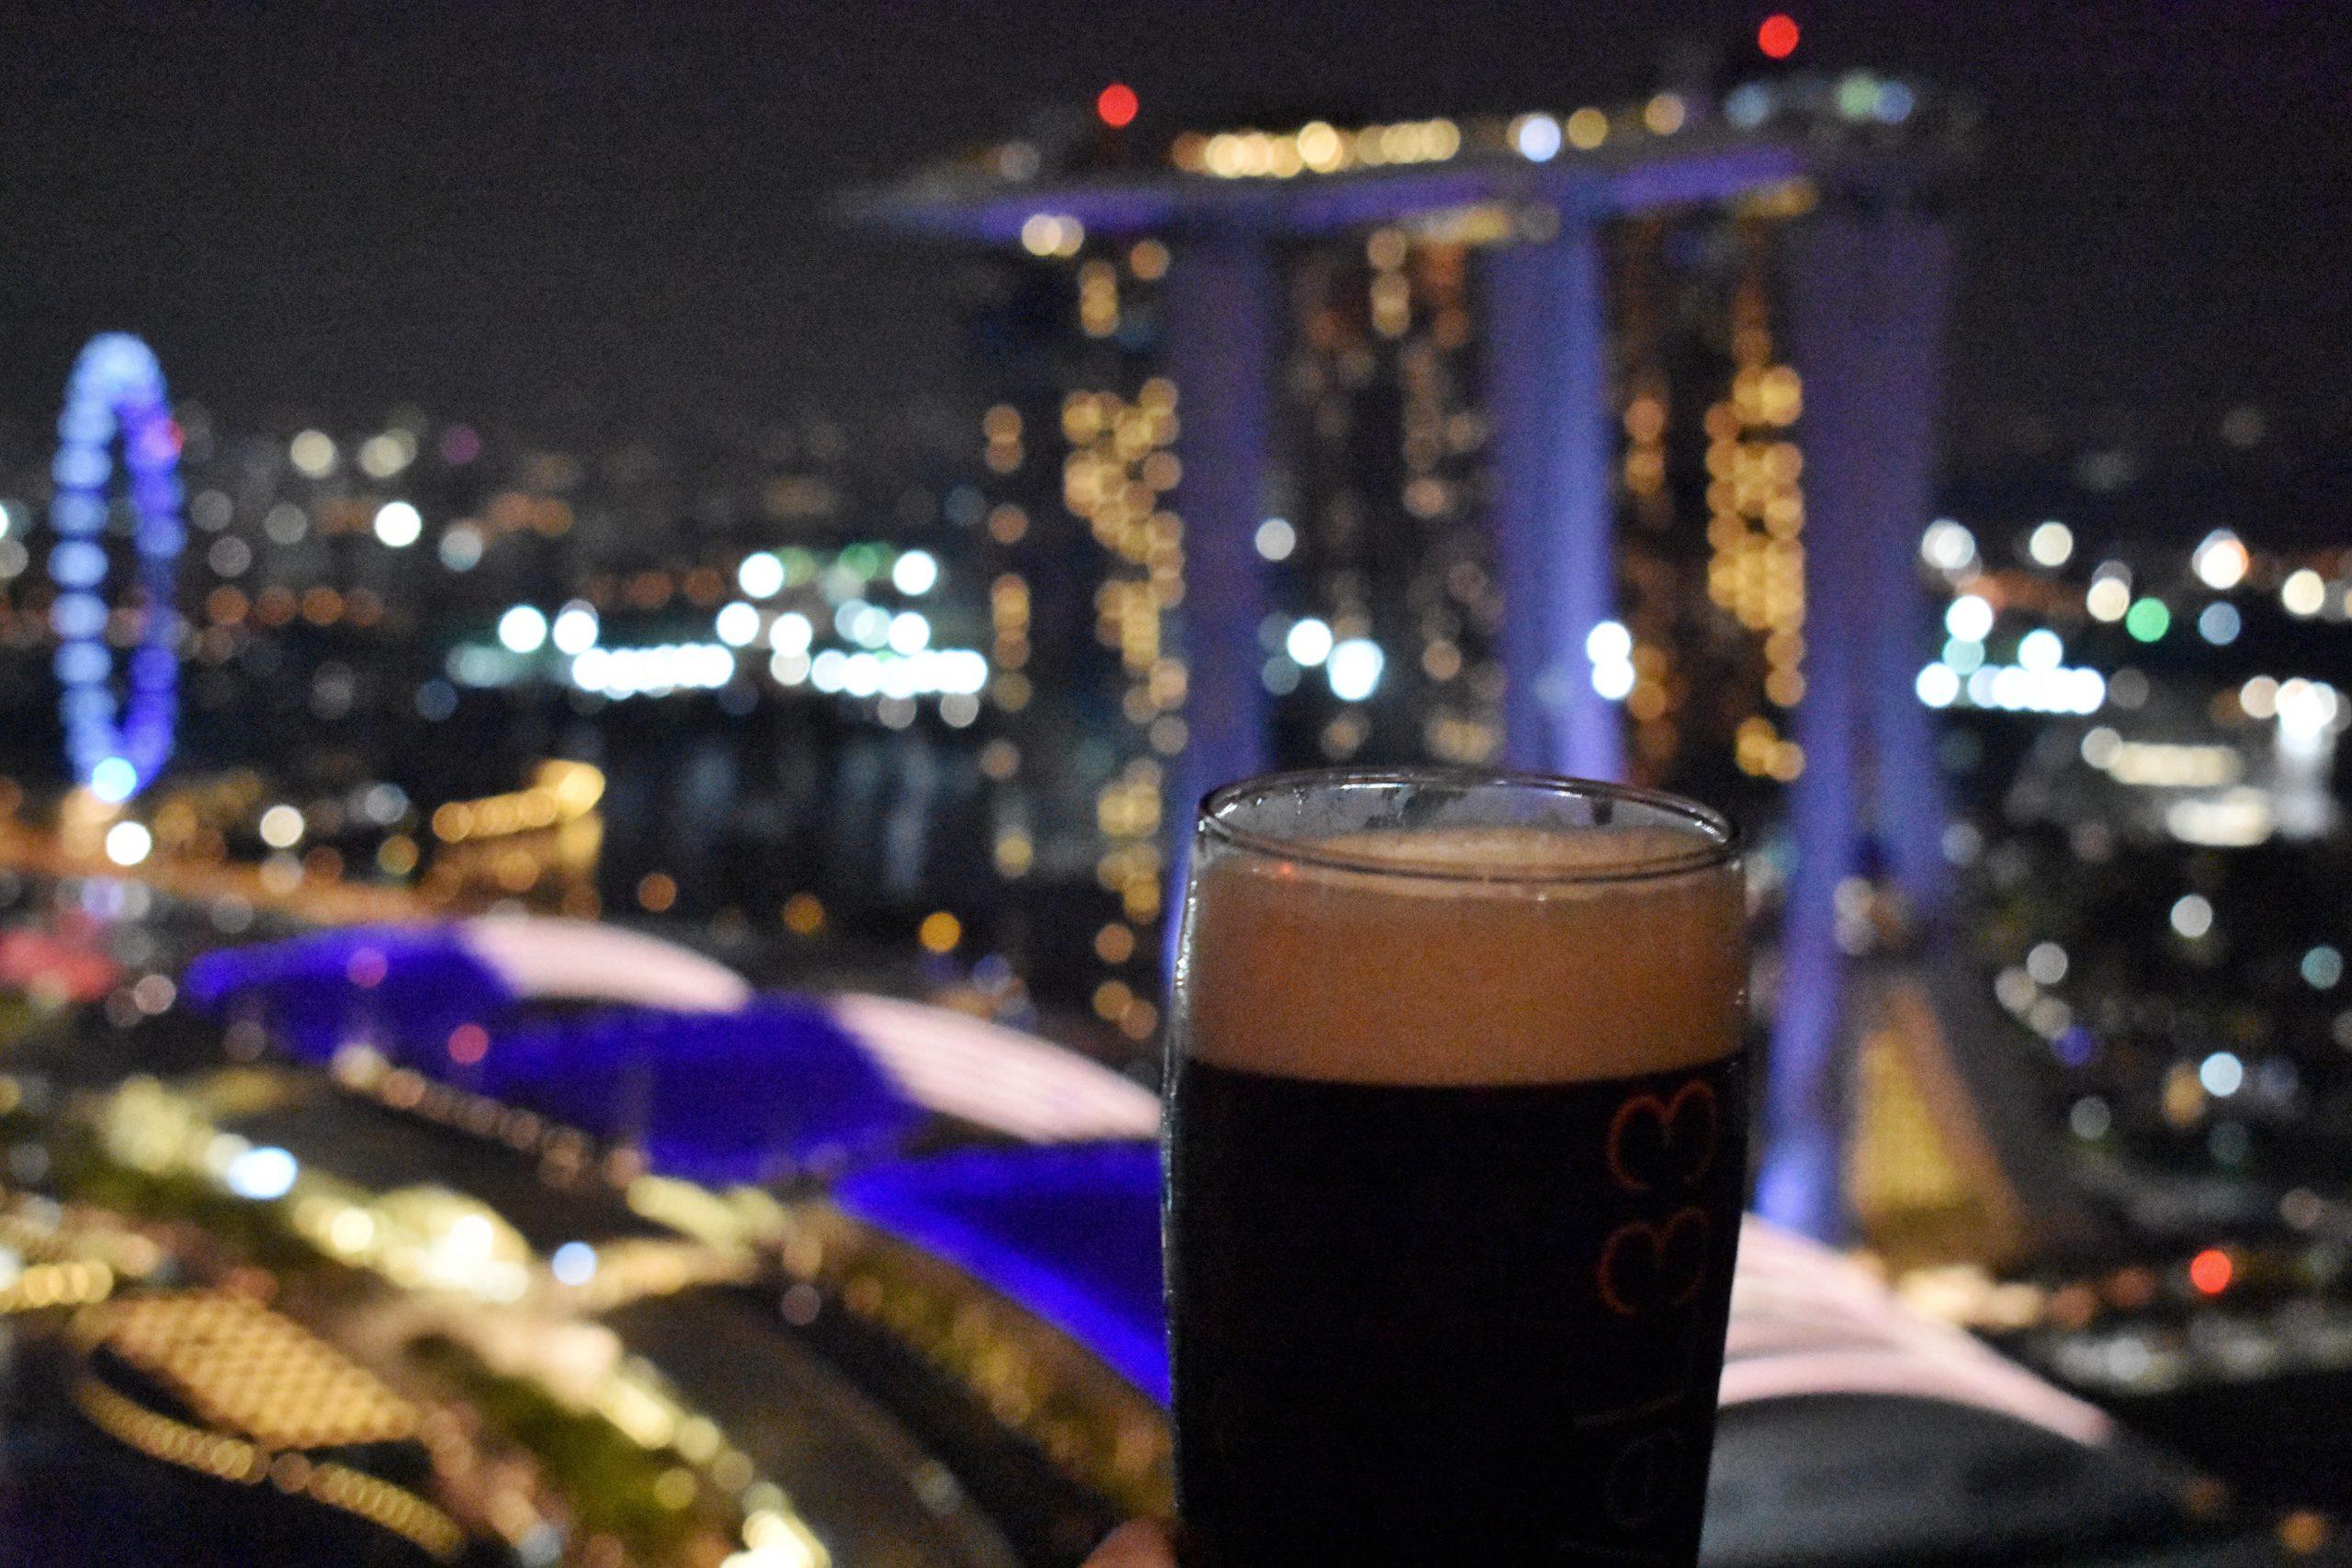 シンガポールのオススメバー「Level 33」マリーナベイの絶景と世界一のビール!